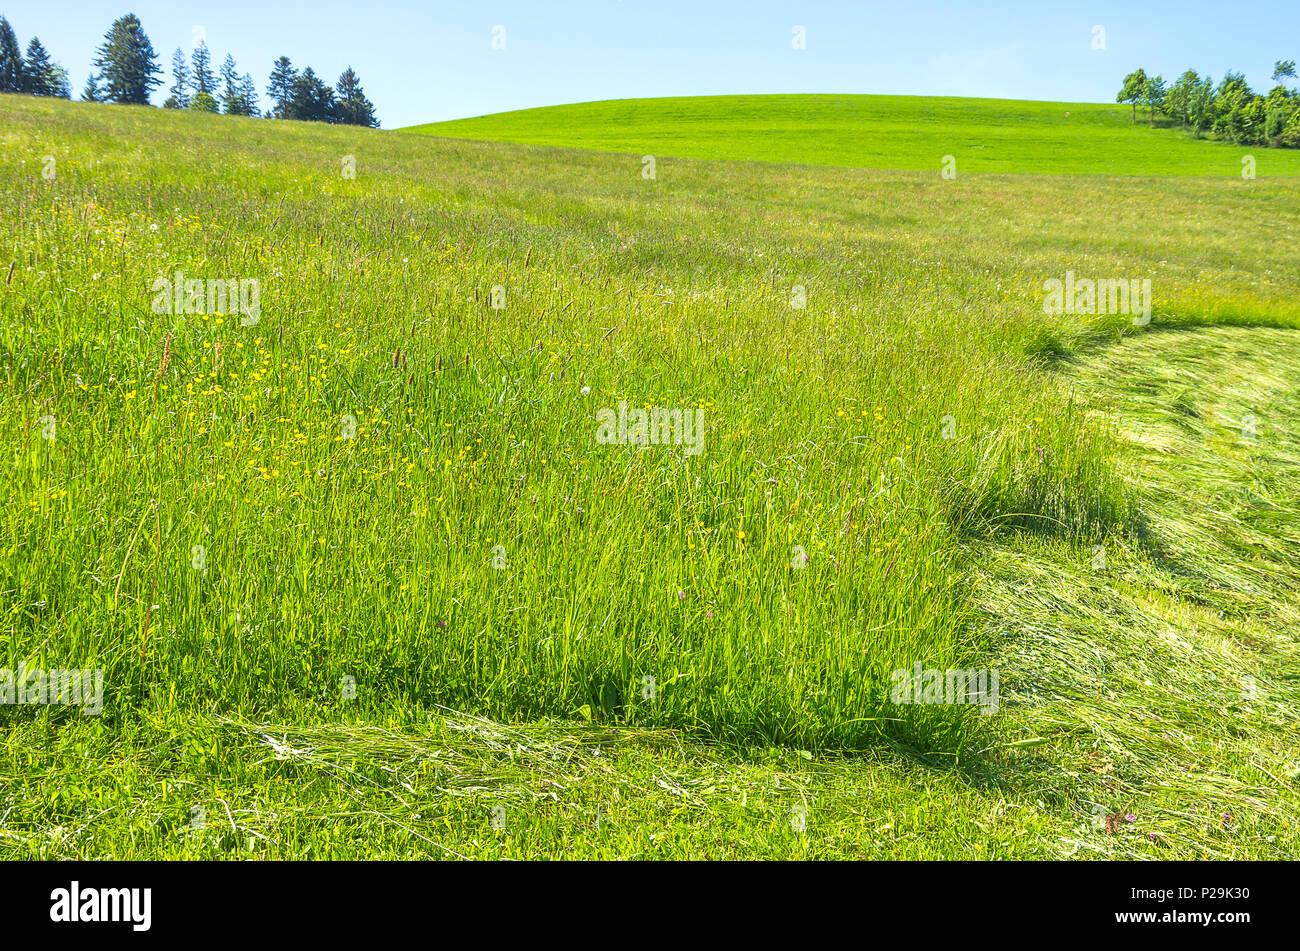 Westallgau Hayfield in der Region rund um den Ort der Scheidegg in der Nähe von Lindau, Bayern, Deutschland. Stockbild